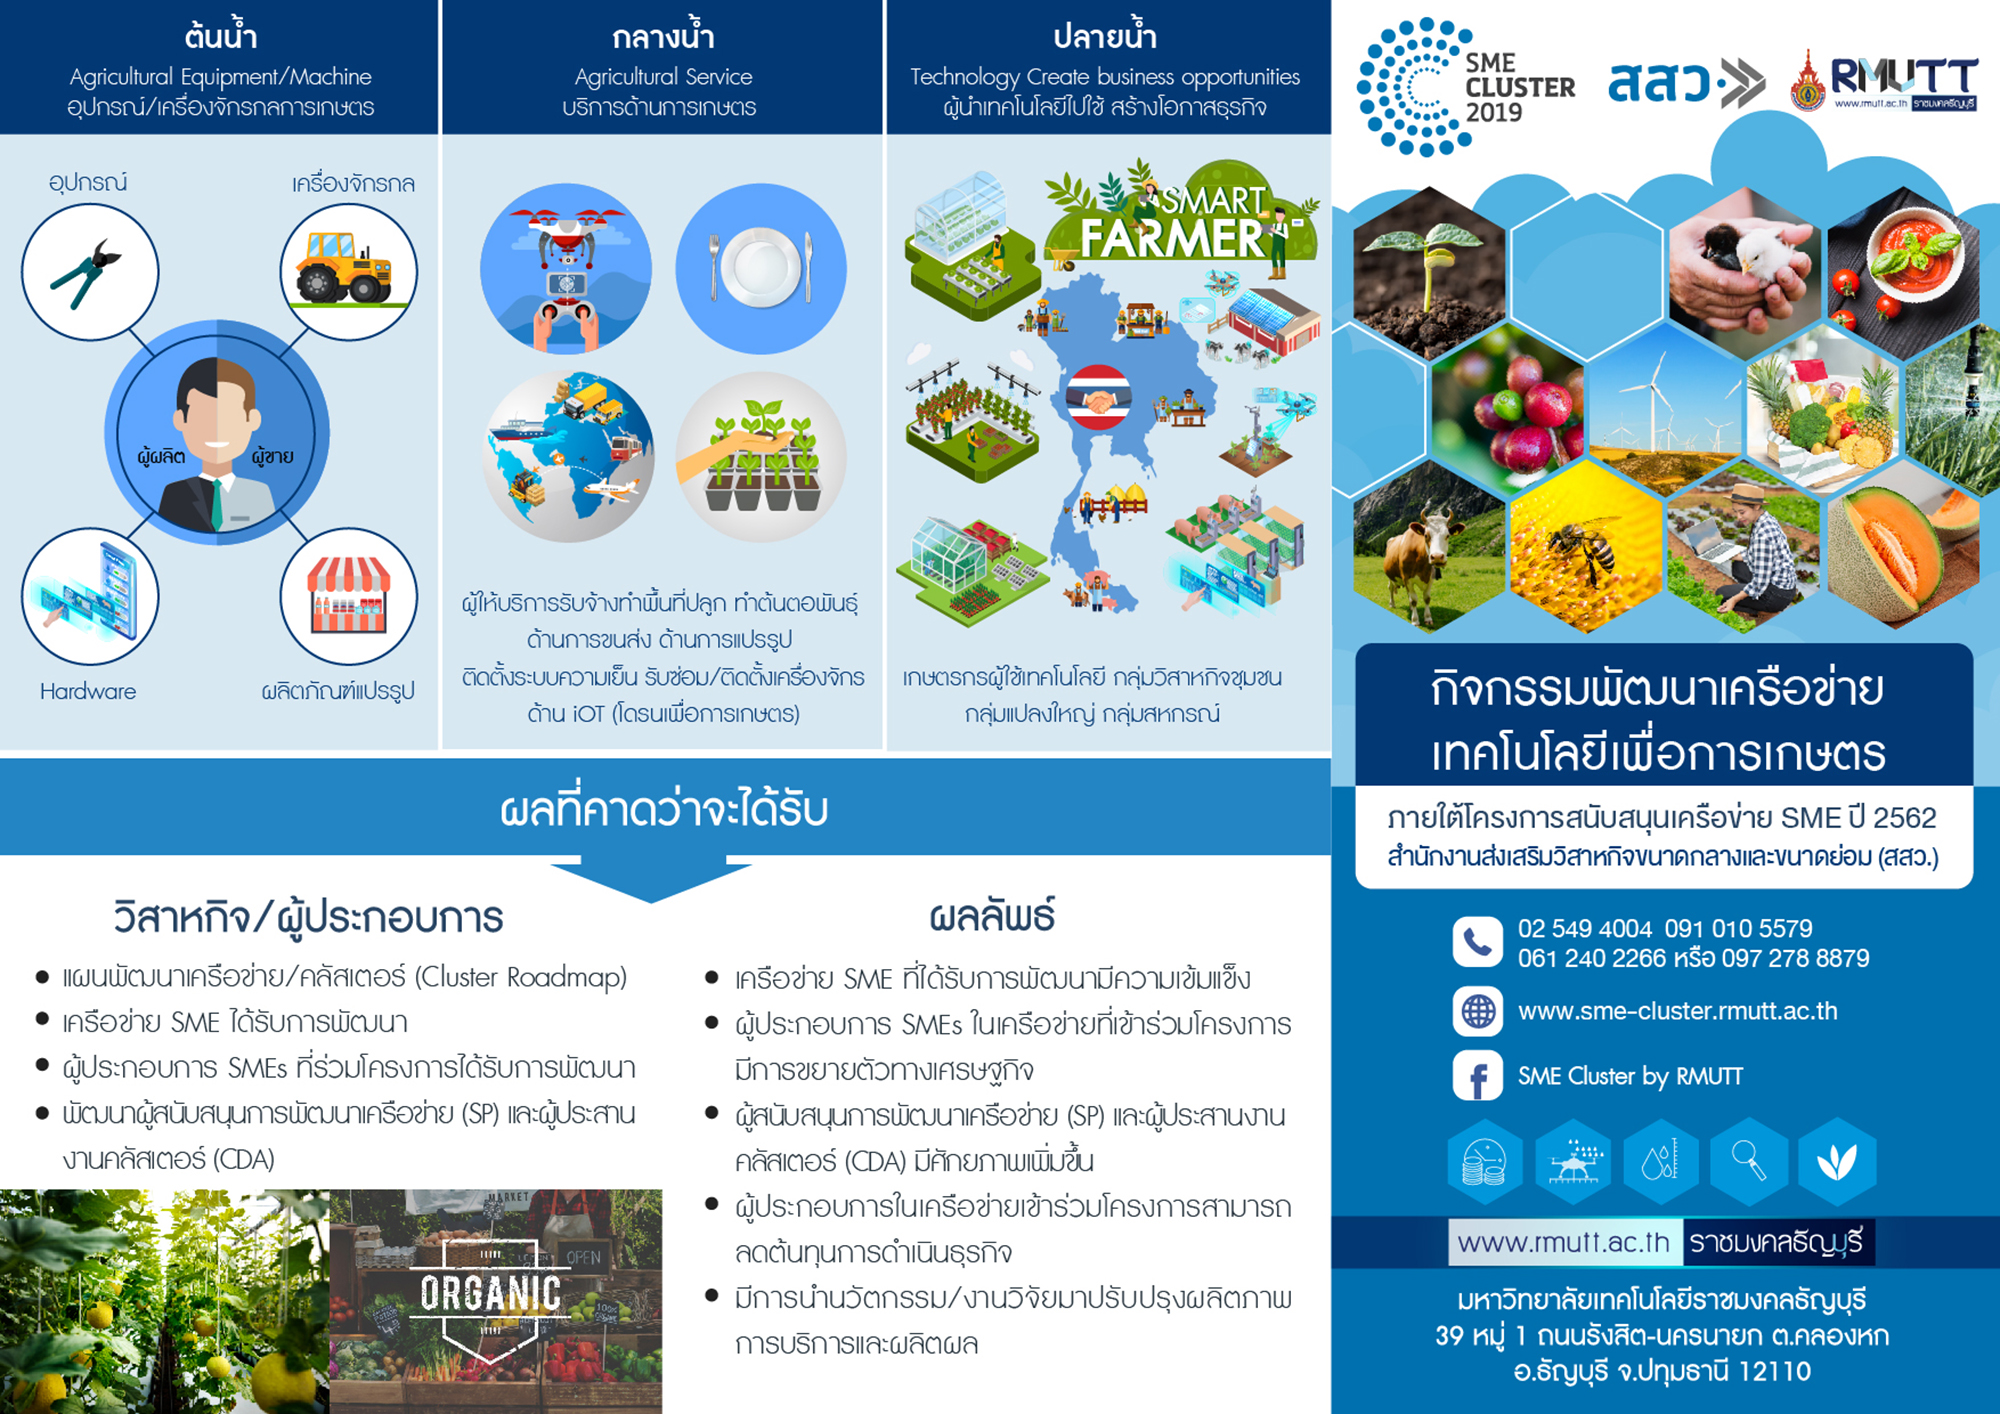 กิจกรรมพัฒนาเครือข่ายเทคโนโลยีเพื่อการเกษตร ภายใต้โครงการสนับสนุนเครือข่าย SME ปี 2562